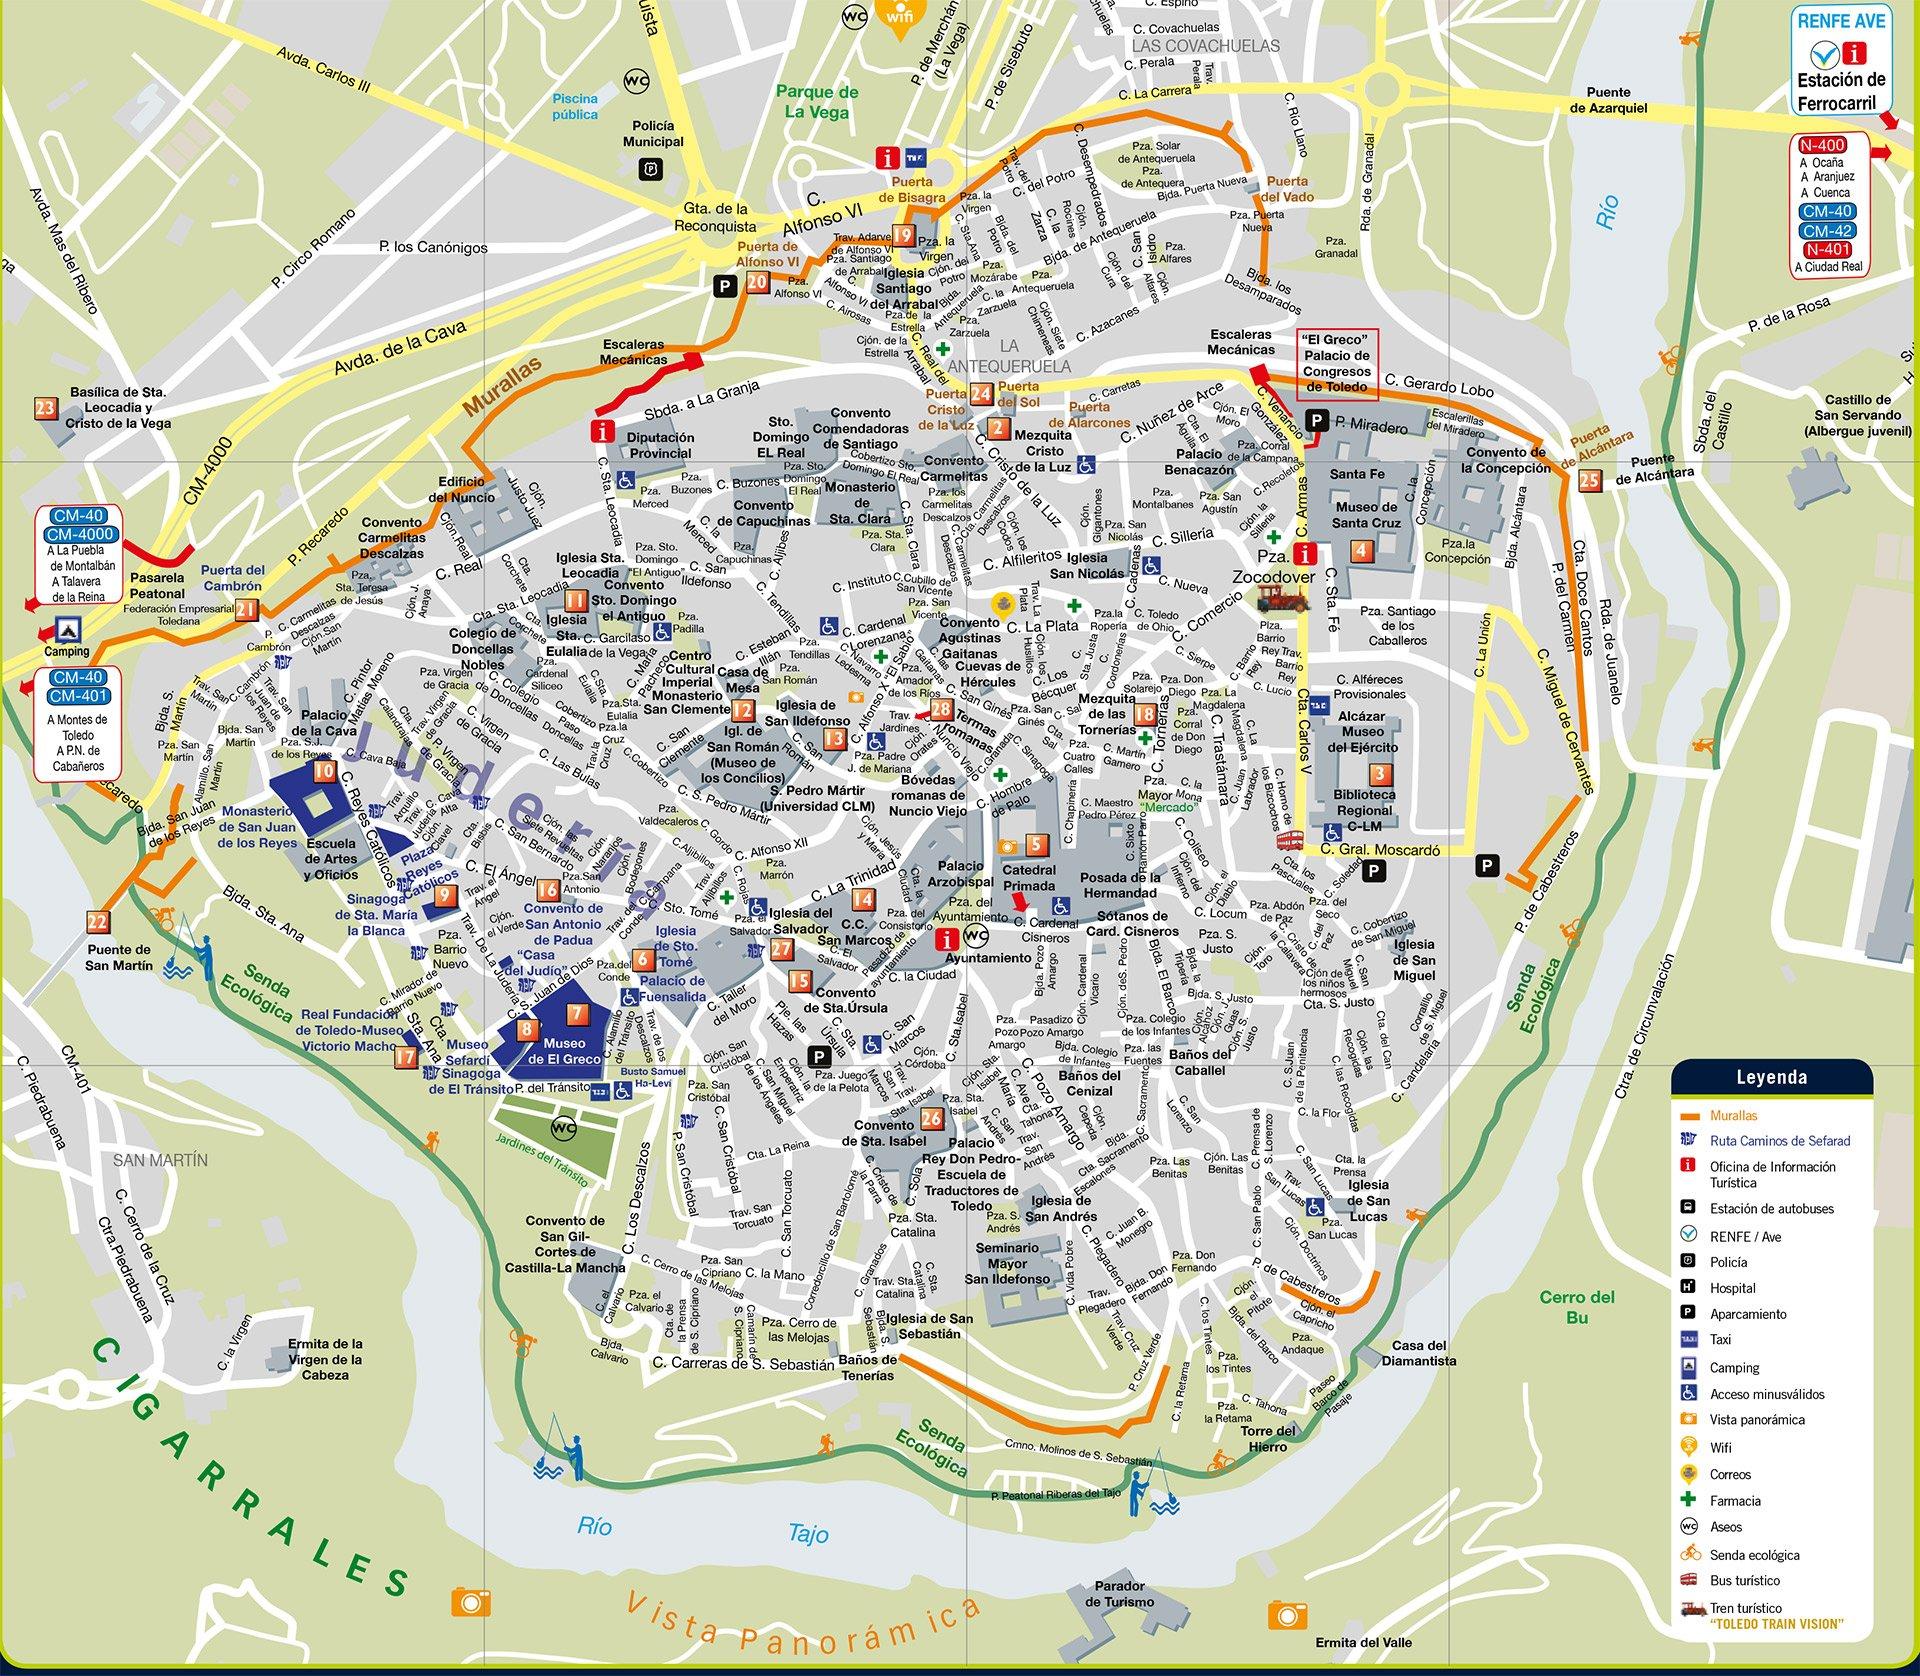 Mapa Provincia De Toledo Turismo.Que Ver En Toledo 2019 Una Breve Guia Para Viajar A La